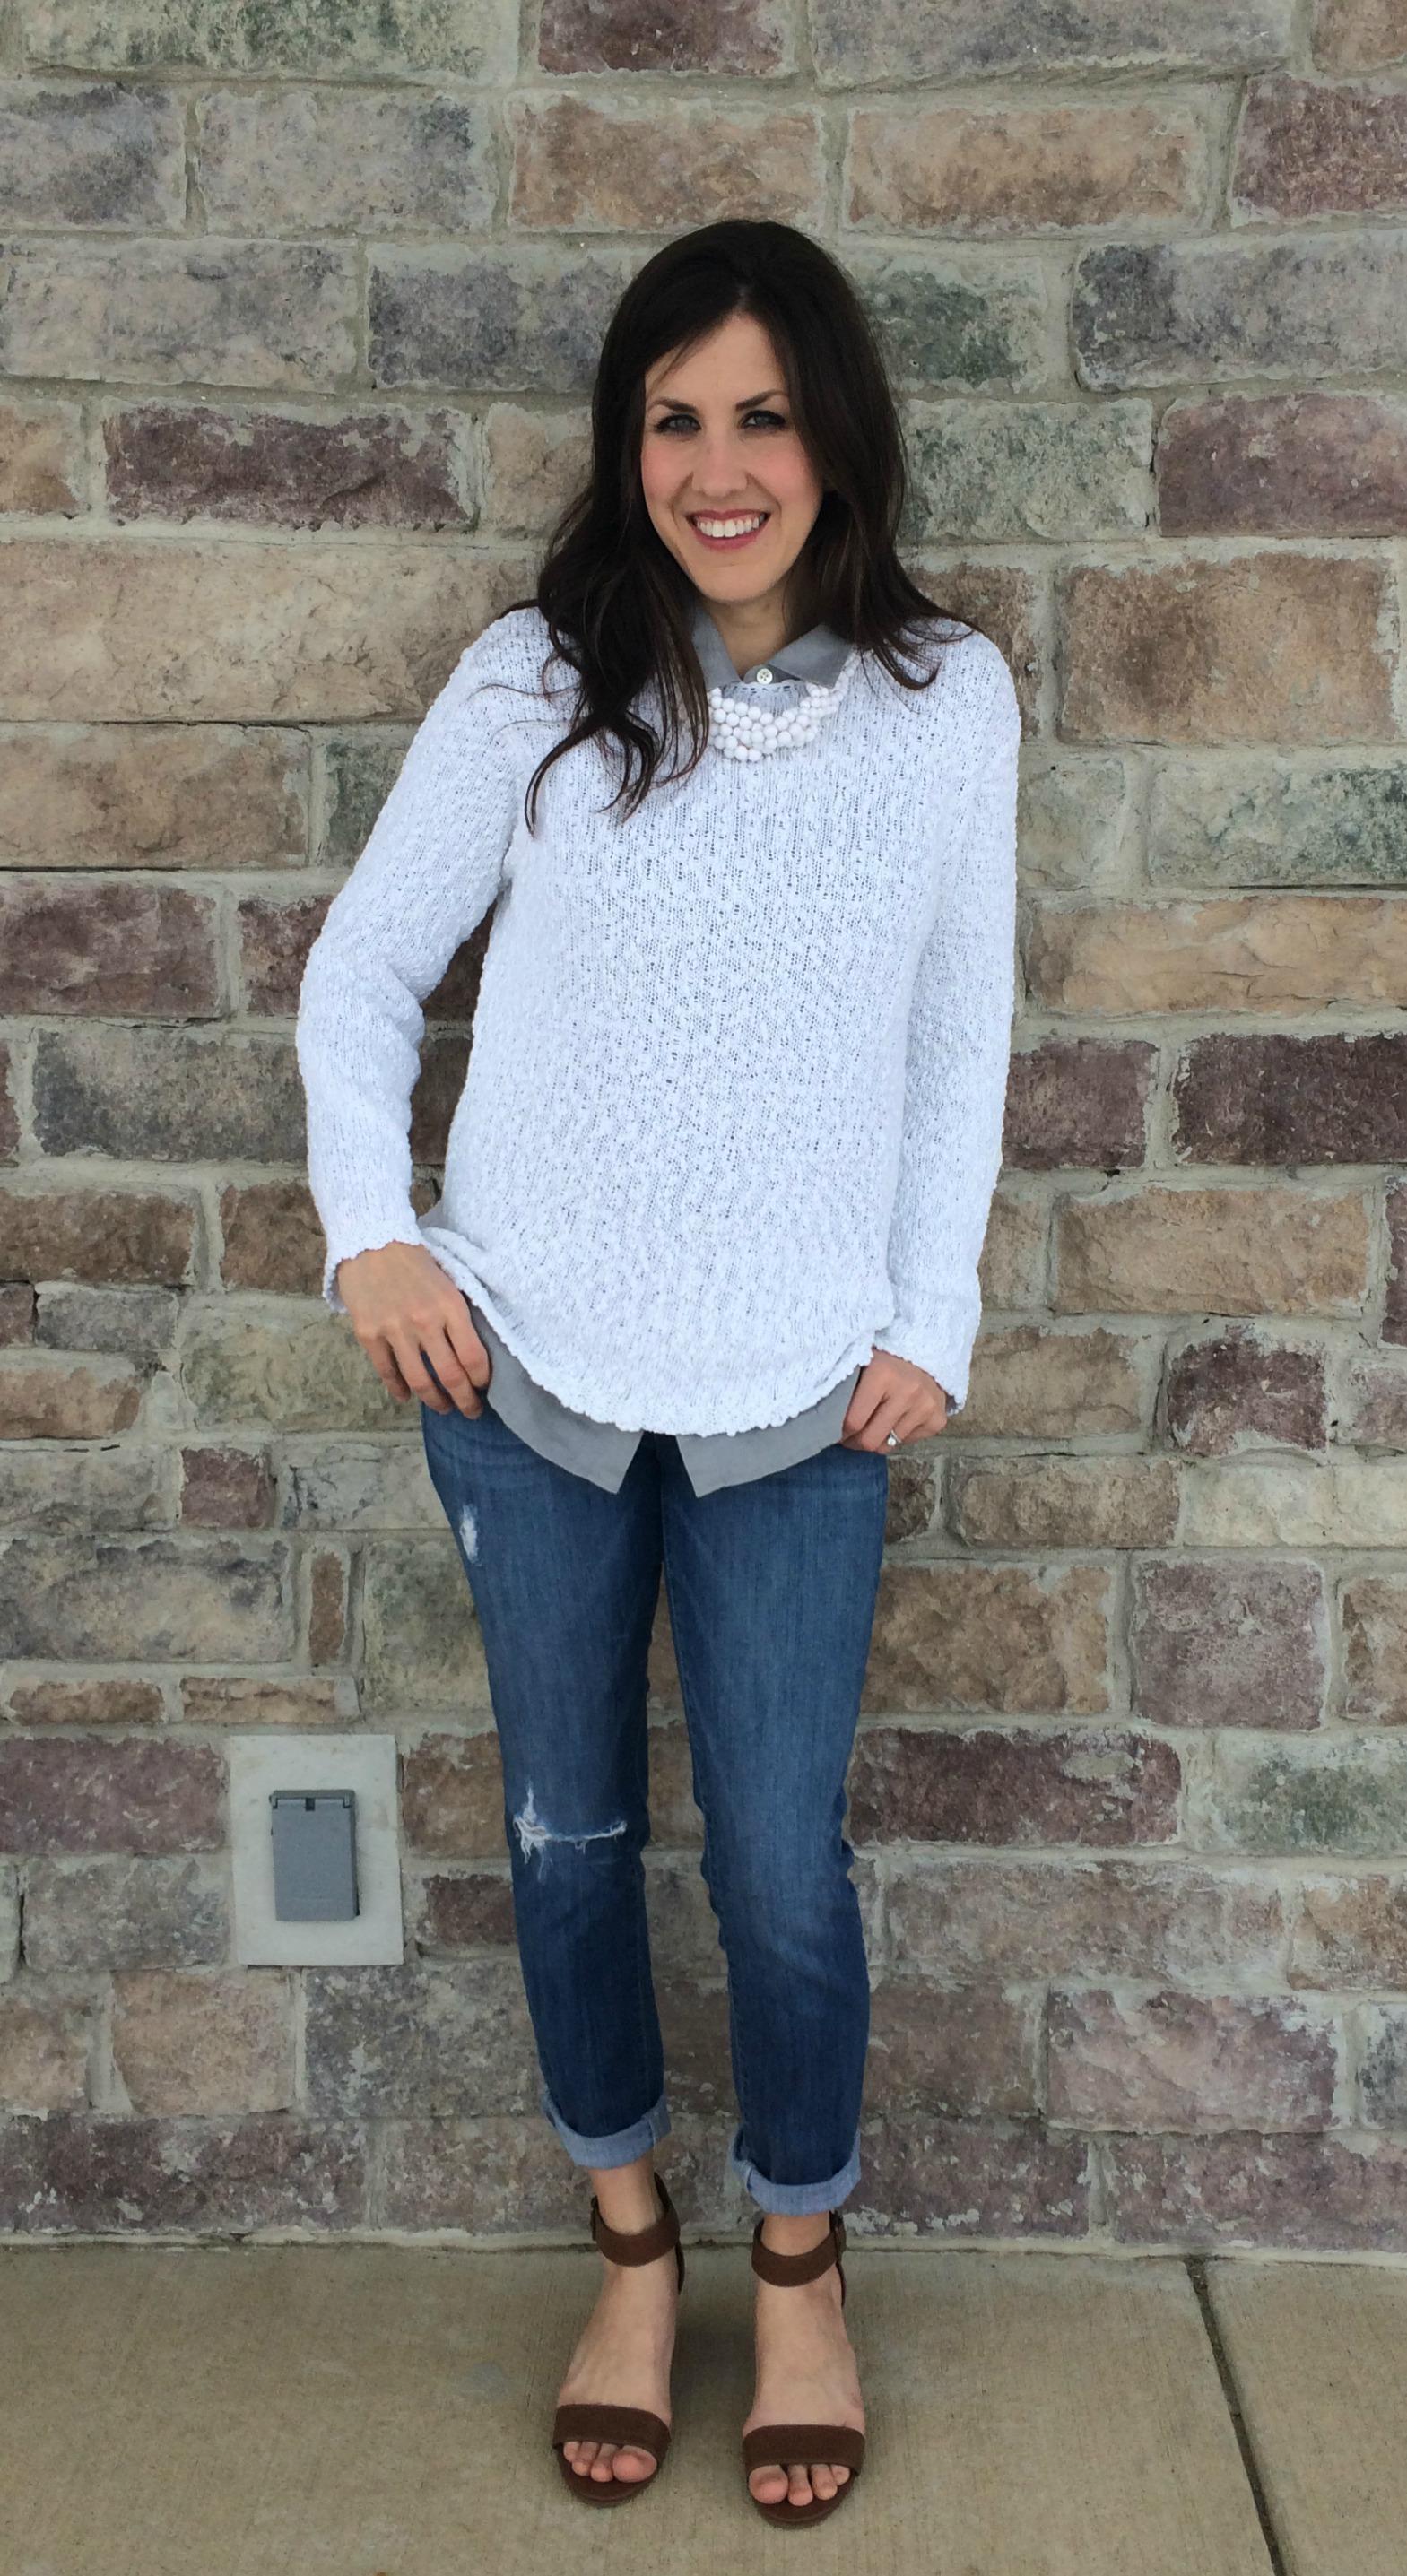 JJill White trendy ways to wear j jill women's apparel jjillstyle momma in,J Jill Womens Clothing